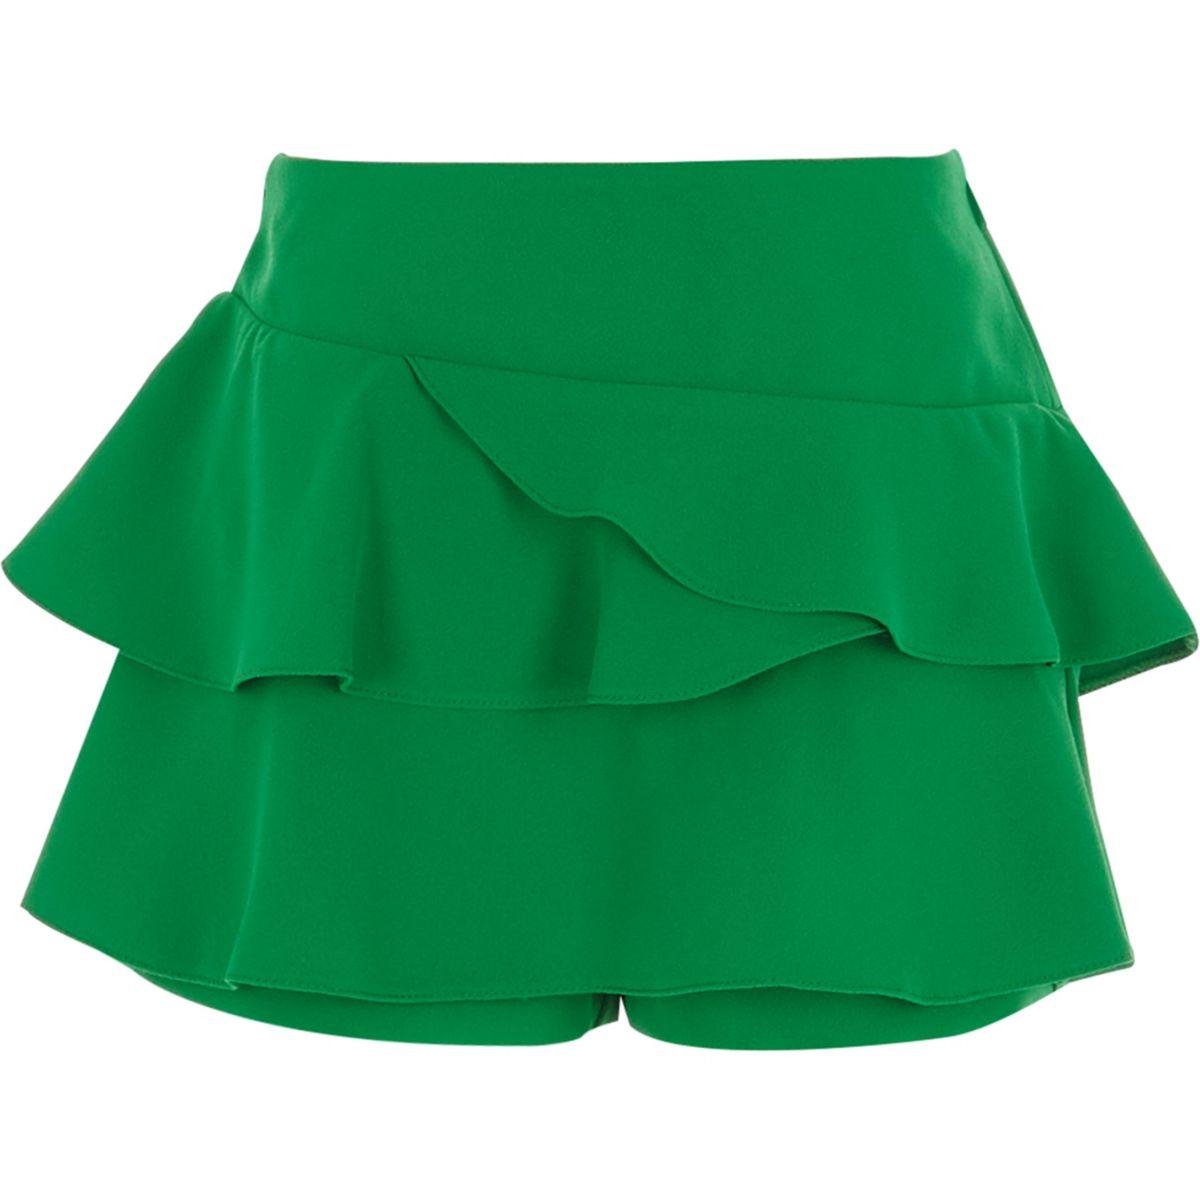 Green rara frill skort